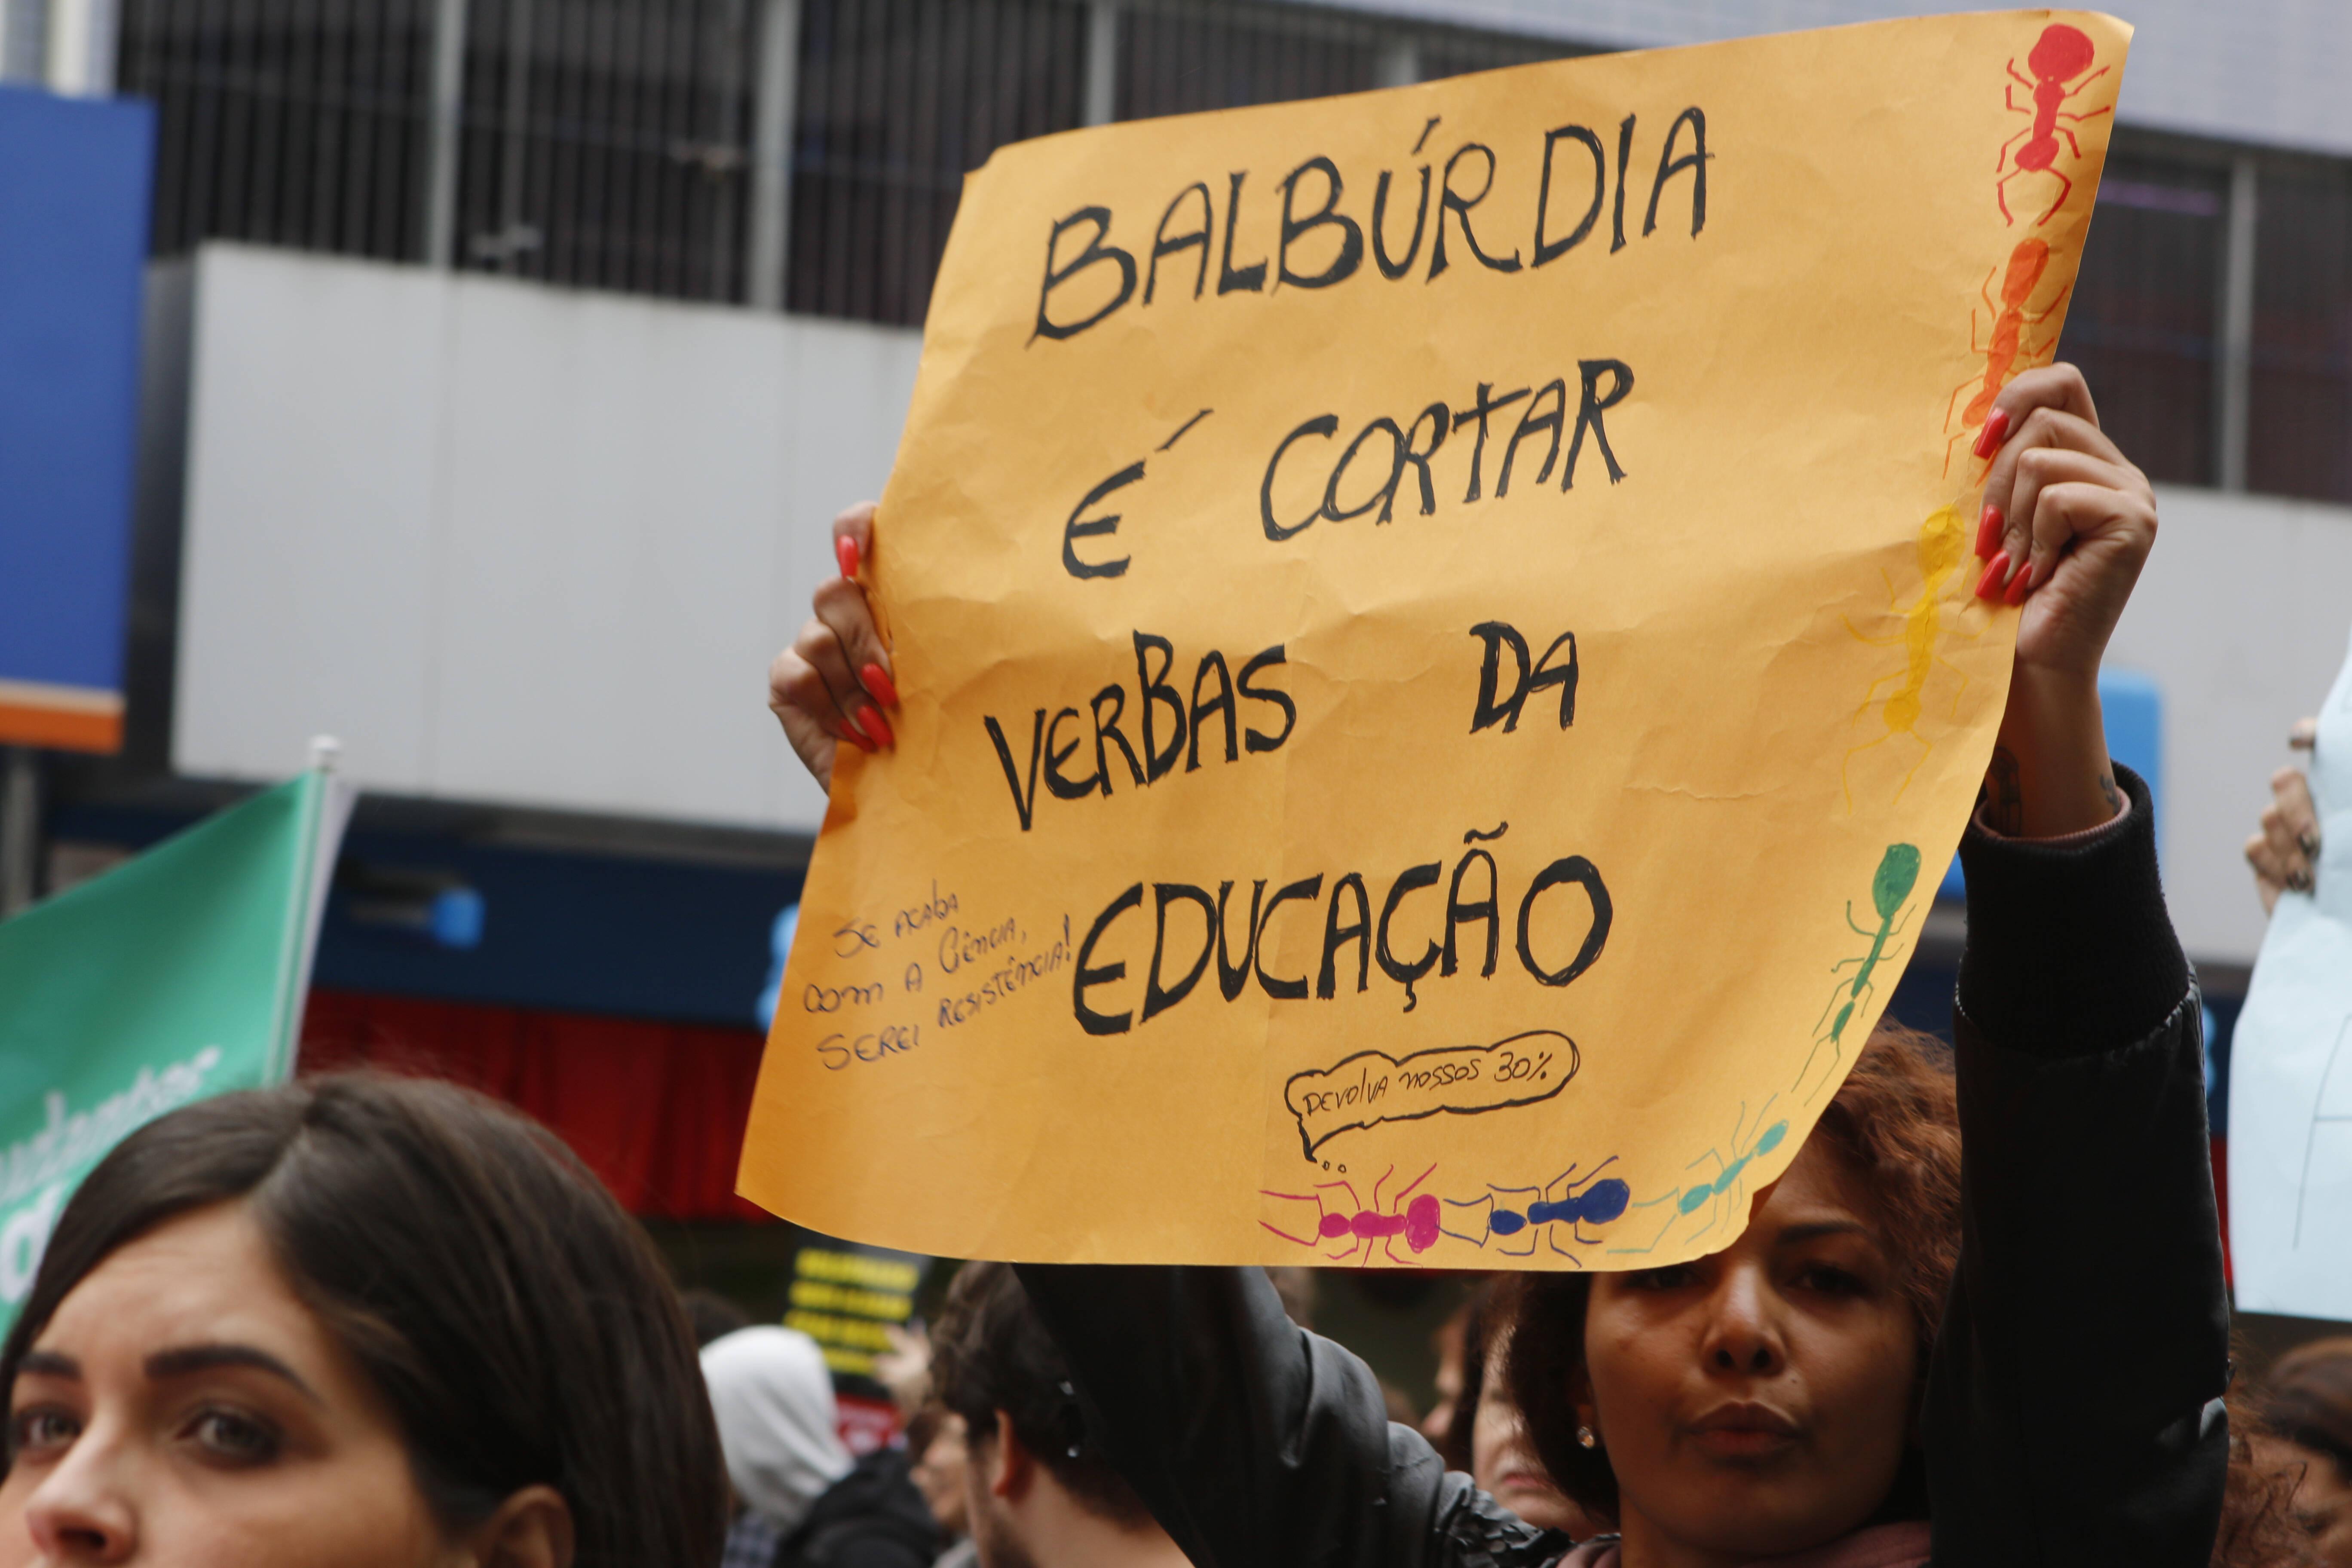 Protesto contra cortes na Educação em Curitiba. Foto: Gisele Pimenta /FramePhoto /Agência O Globo